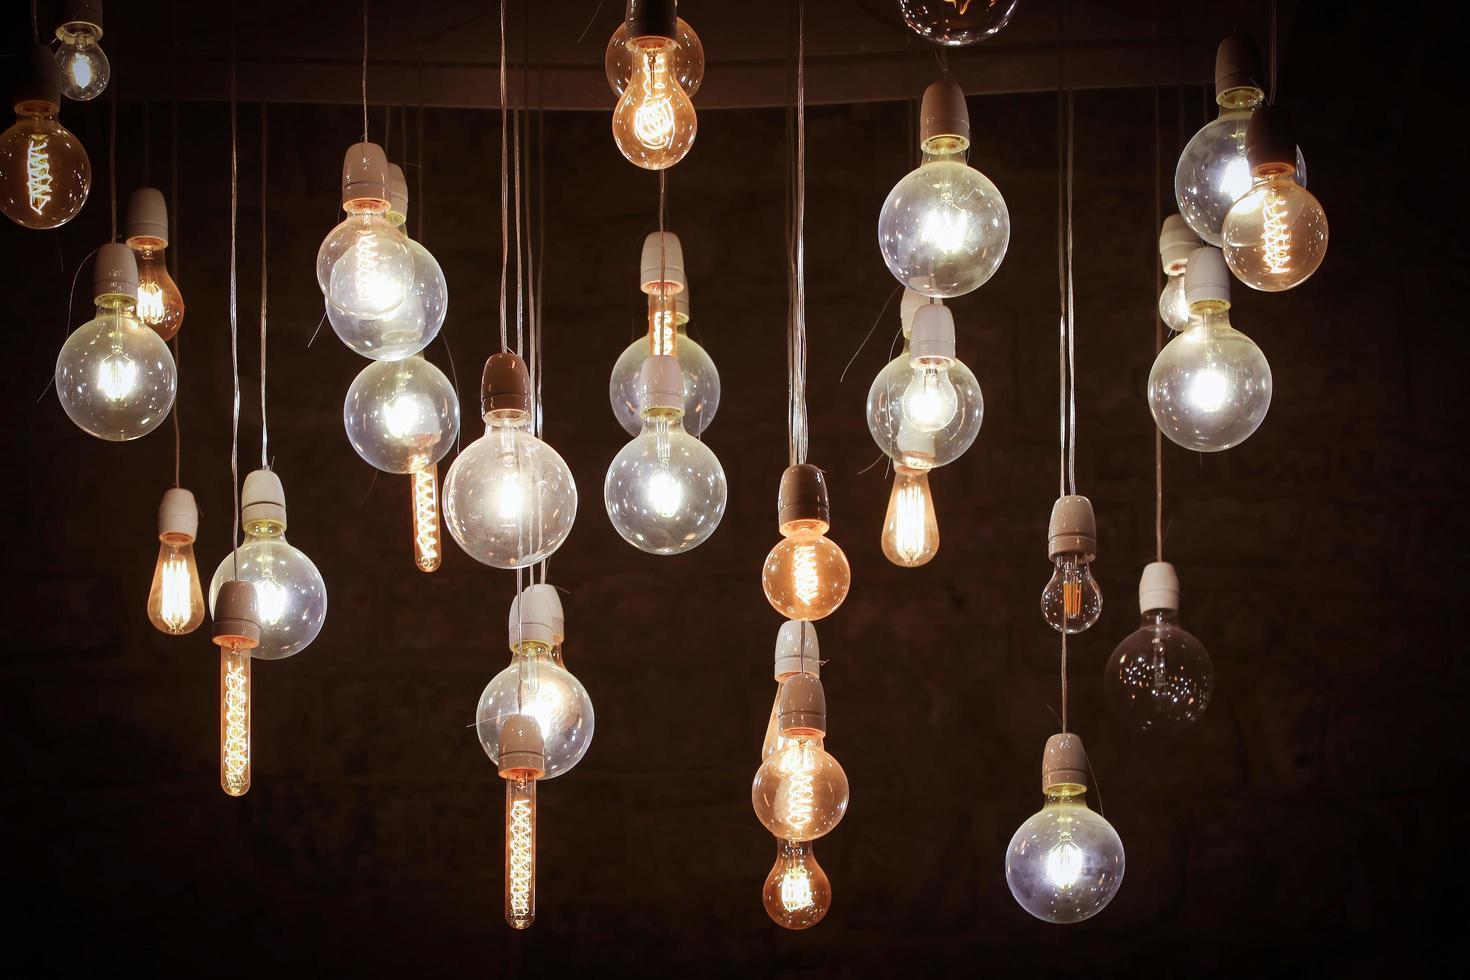 lampadine in camera oscura foto